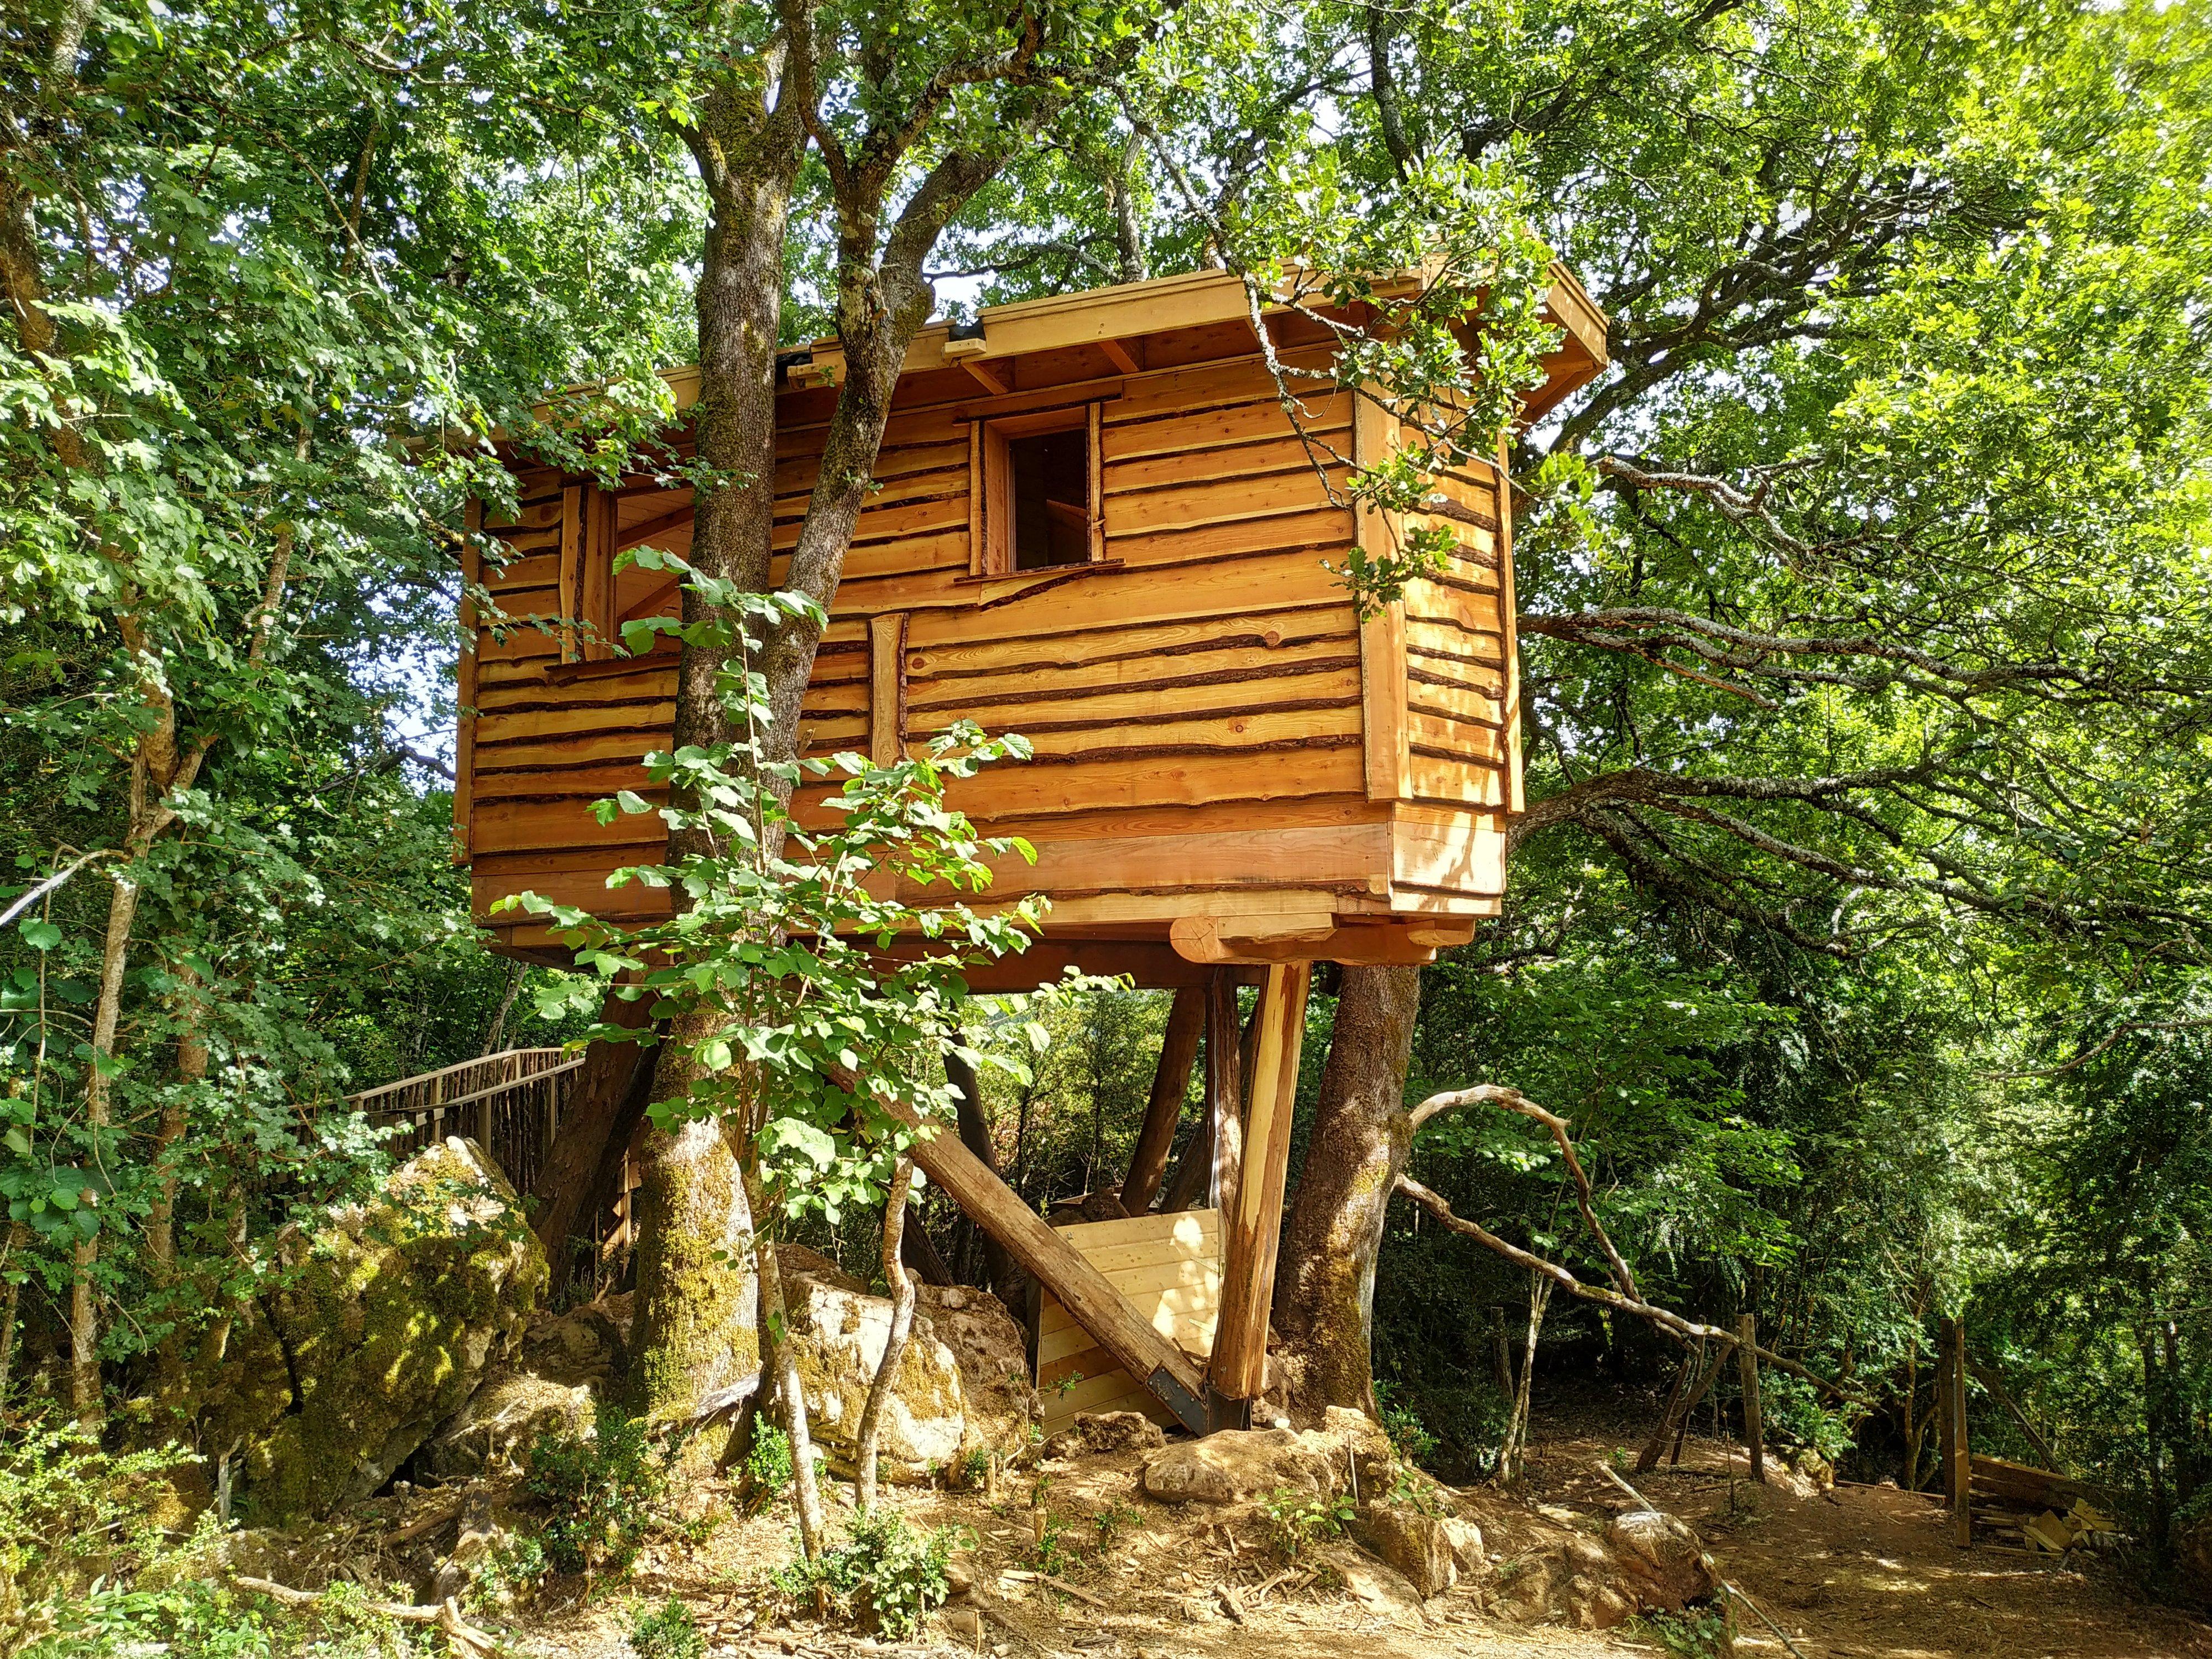 Cabañas En Los árboles En El Pirineo De Navarra Casas Na árvore Para Alugar Em Villanueva De Arce Navarra Espanha